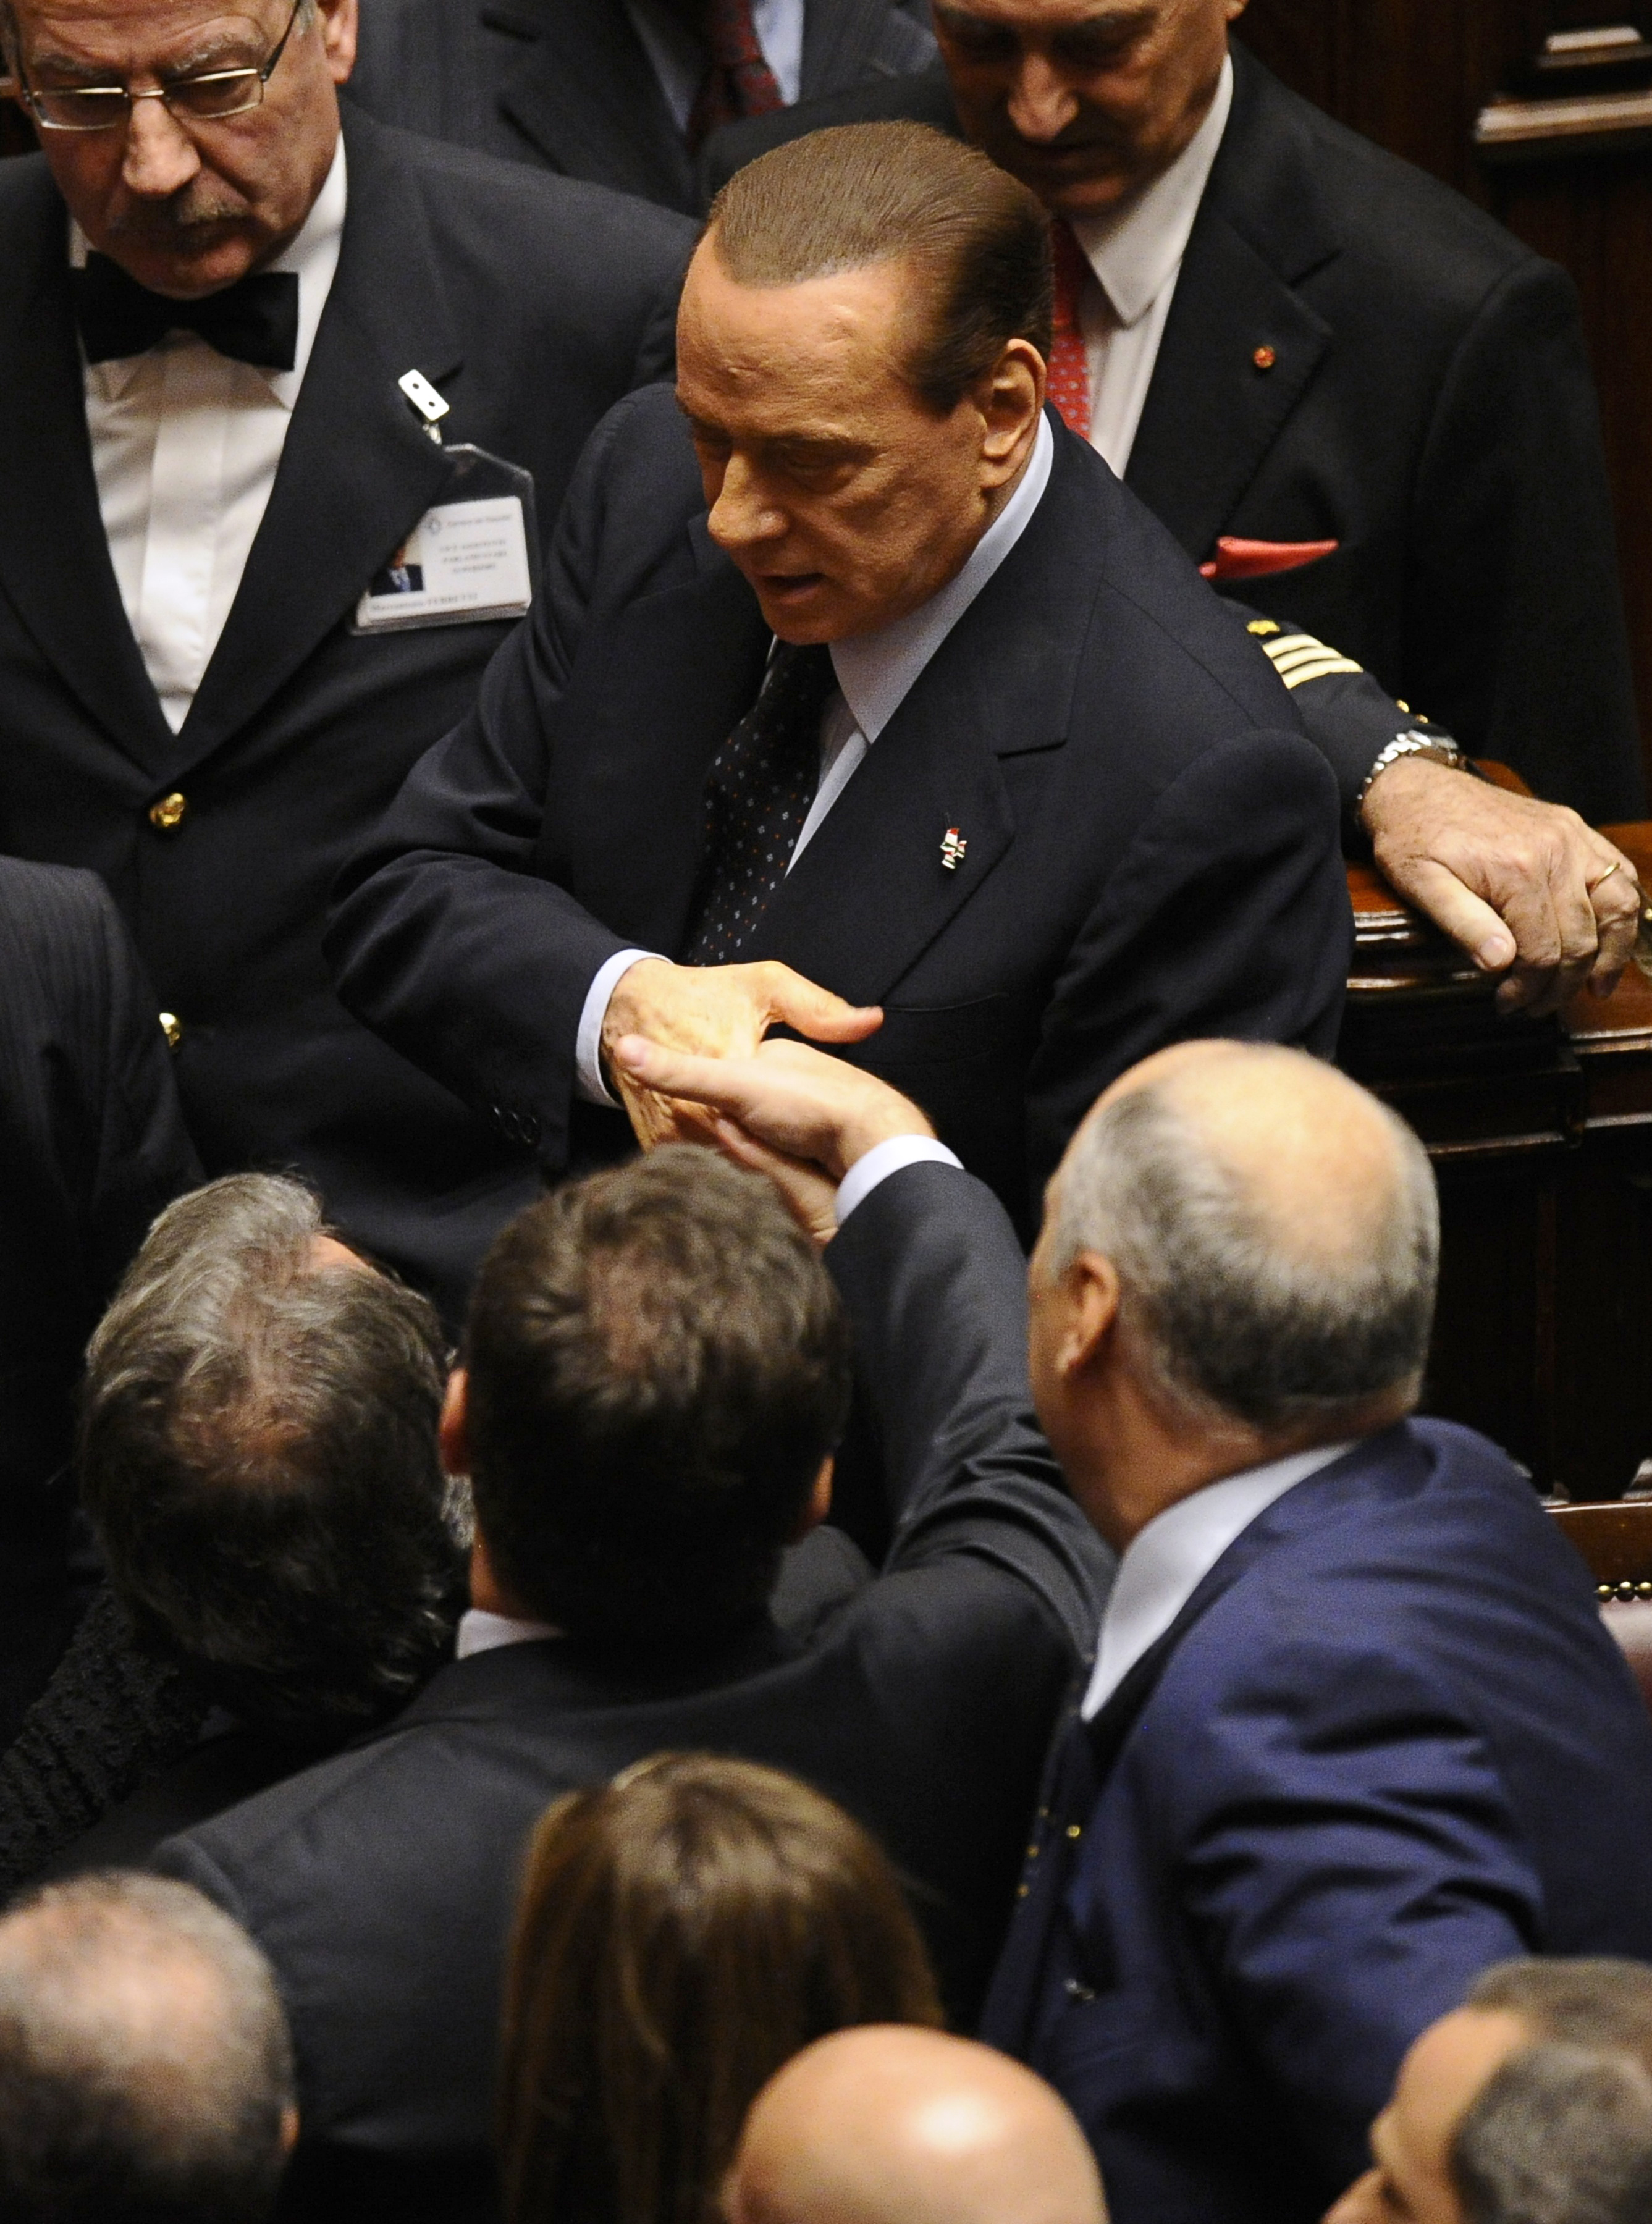 Прем'єр-міністр Італії Сильвіо Берлусконі потискує руки депутатам і міністрам за підсумками засідання парламенту щодо прийняття низки ключових економічних реформ. 12 листопада 2011 року, Рим. У той же день він пішов у відставку. Фото: Filippo Monteforte/G